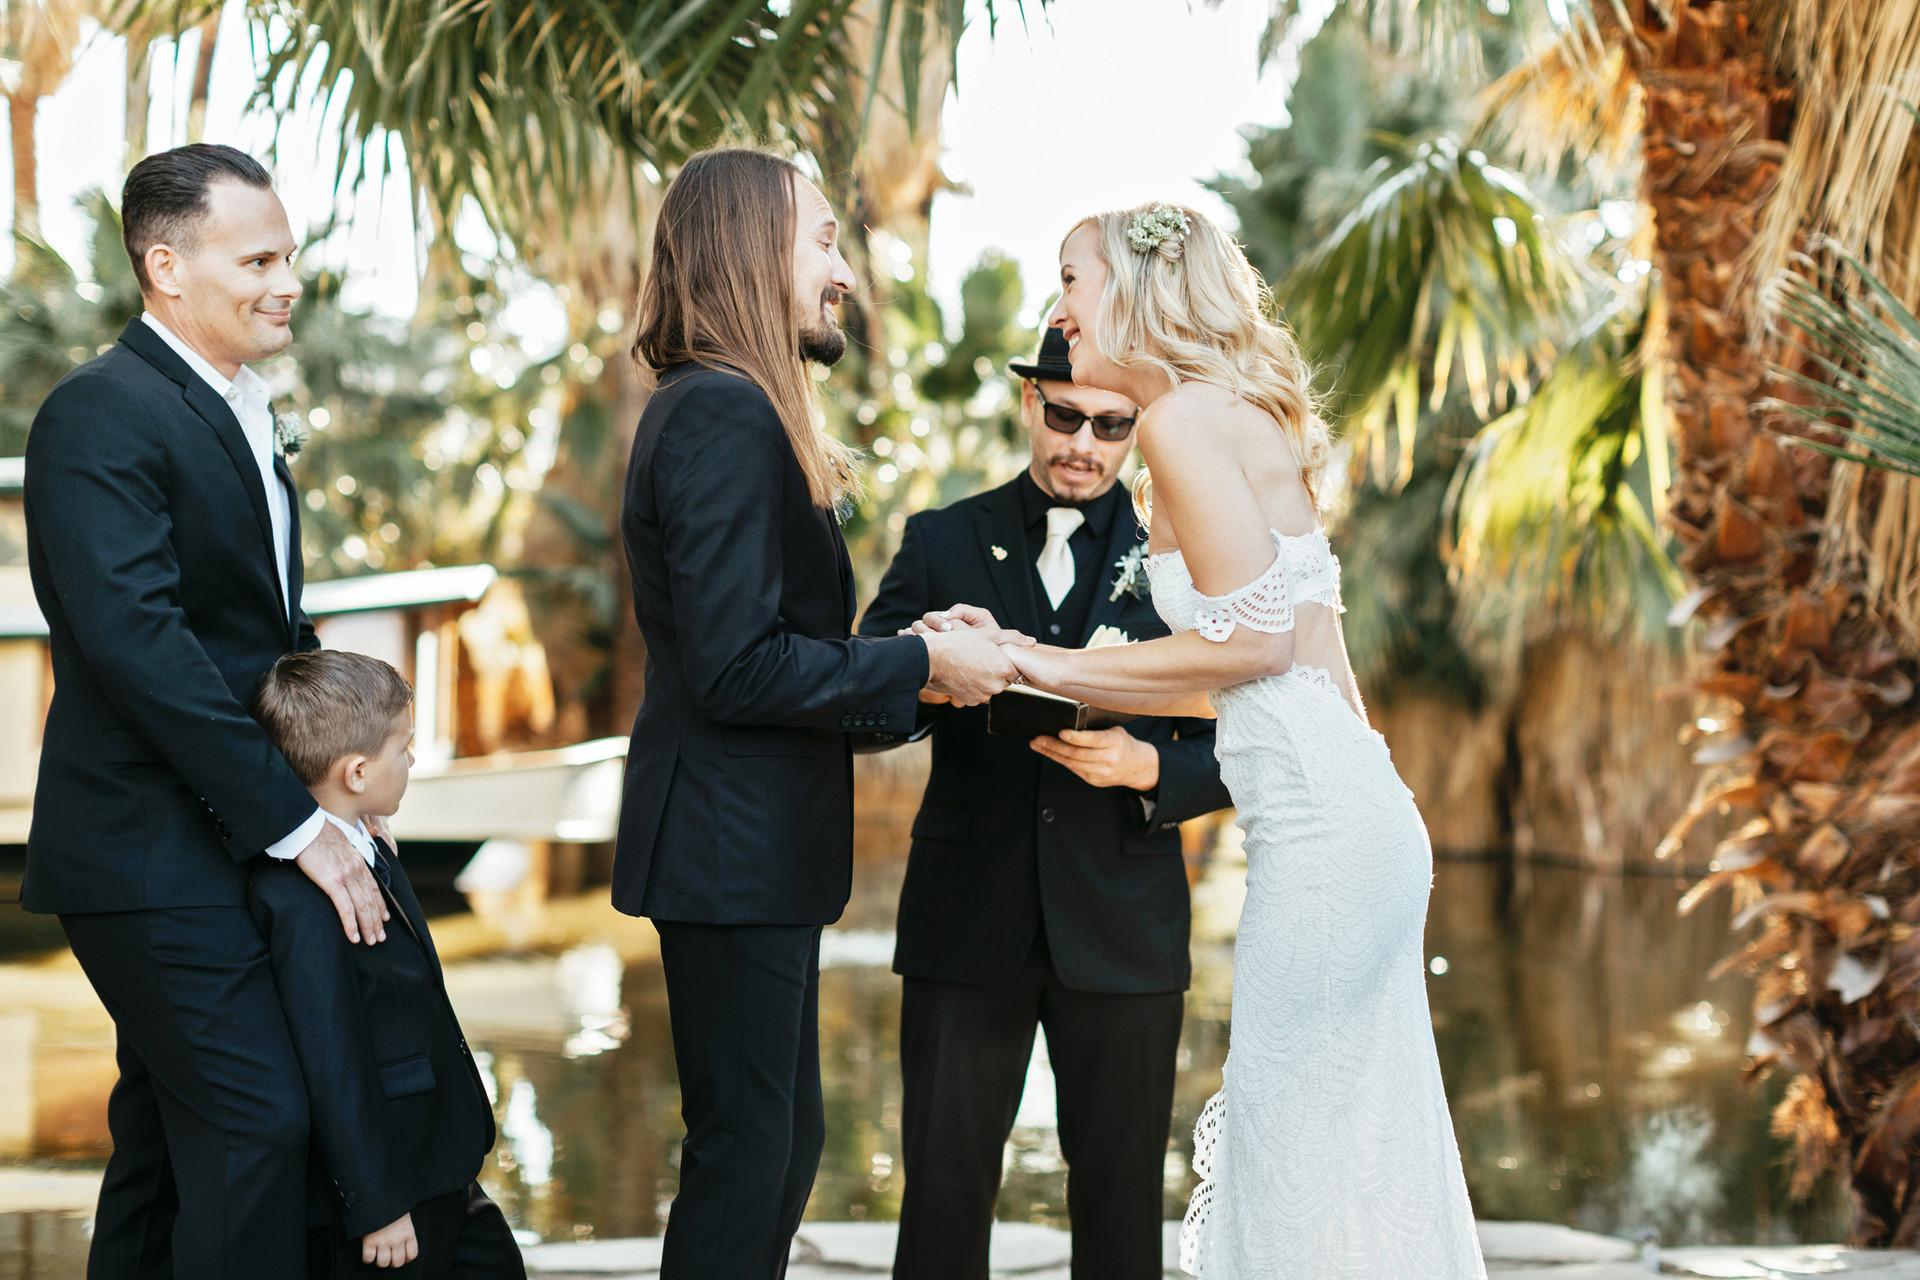 twenty nine palms in wedding ceremony